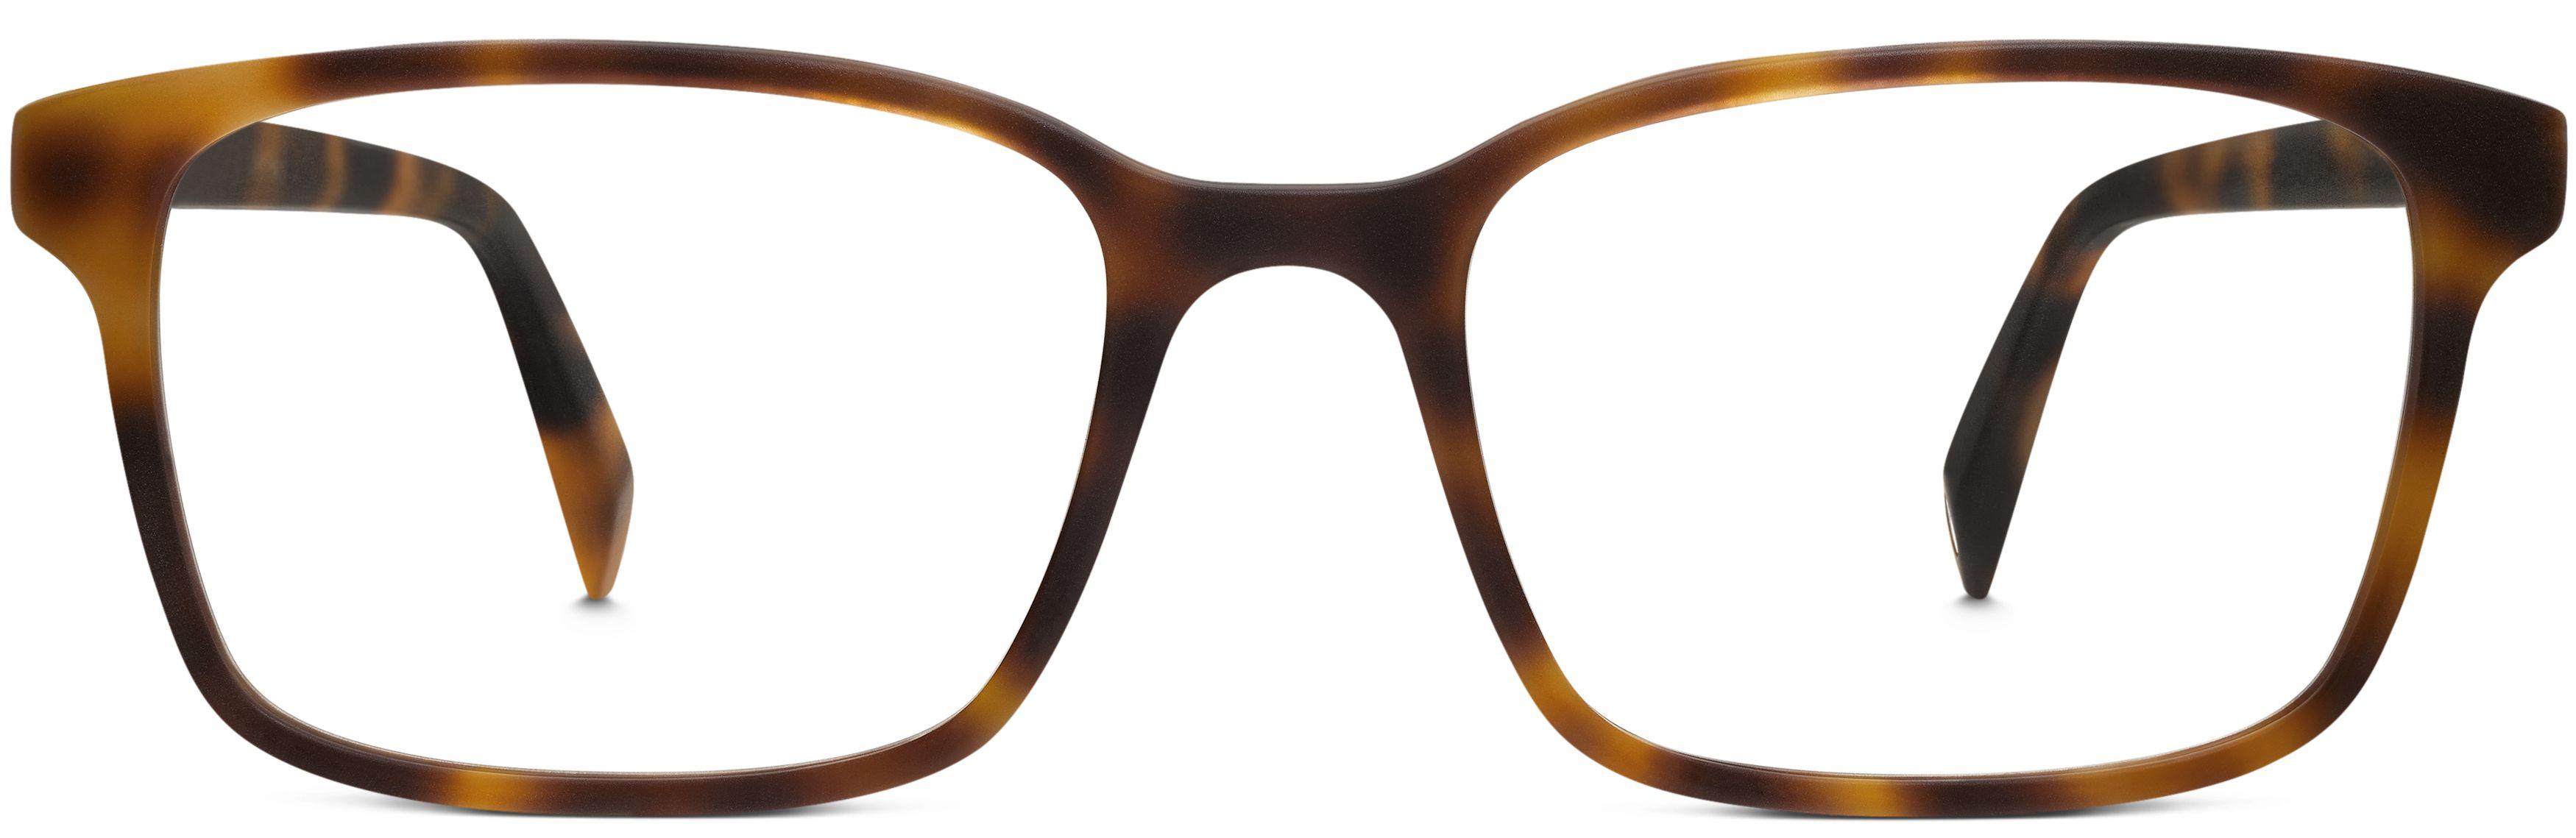 b9c6c1c5fe Brady Eyeglasses in Layered Tortoise Matte for Men